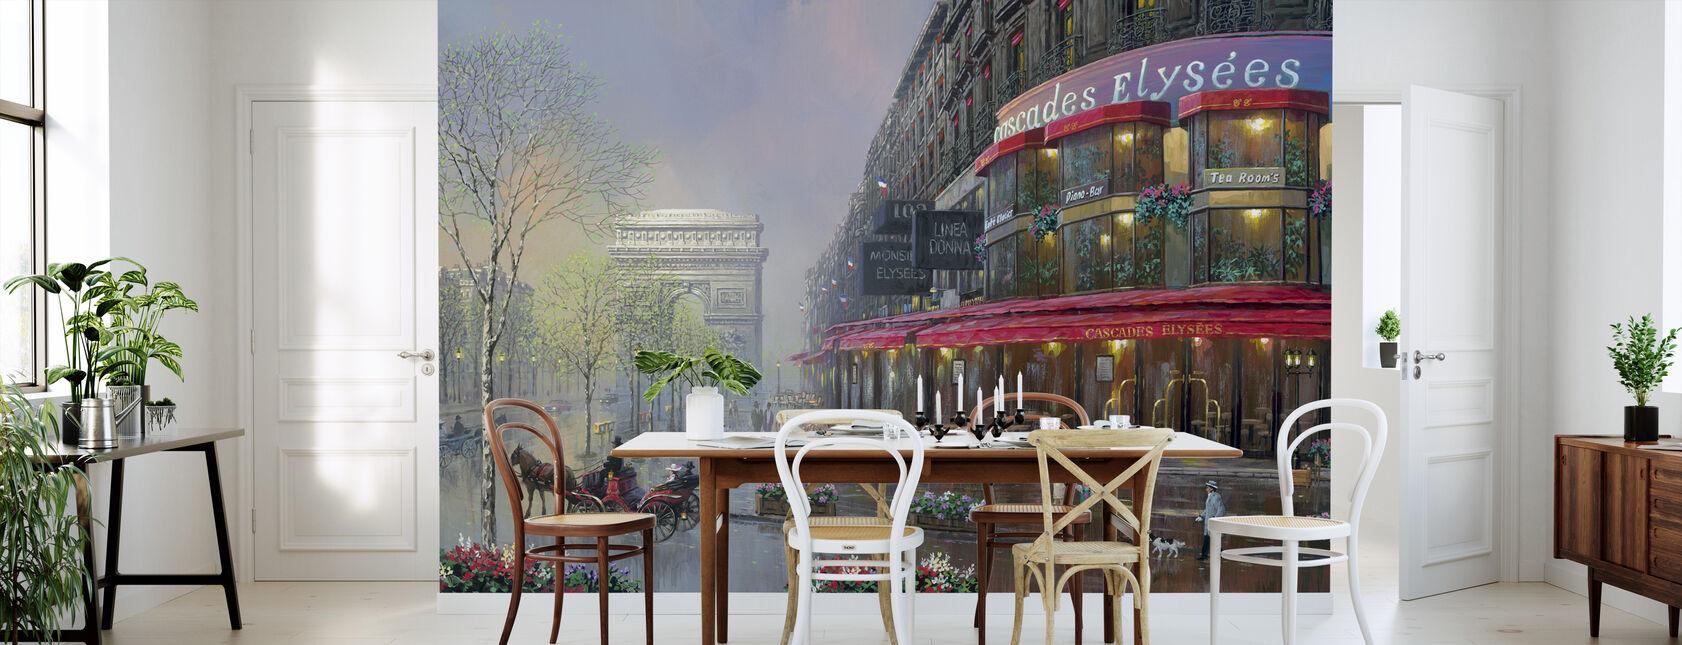 París - Cascades Elysees - Papel pintado - Cocina